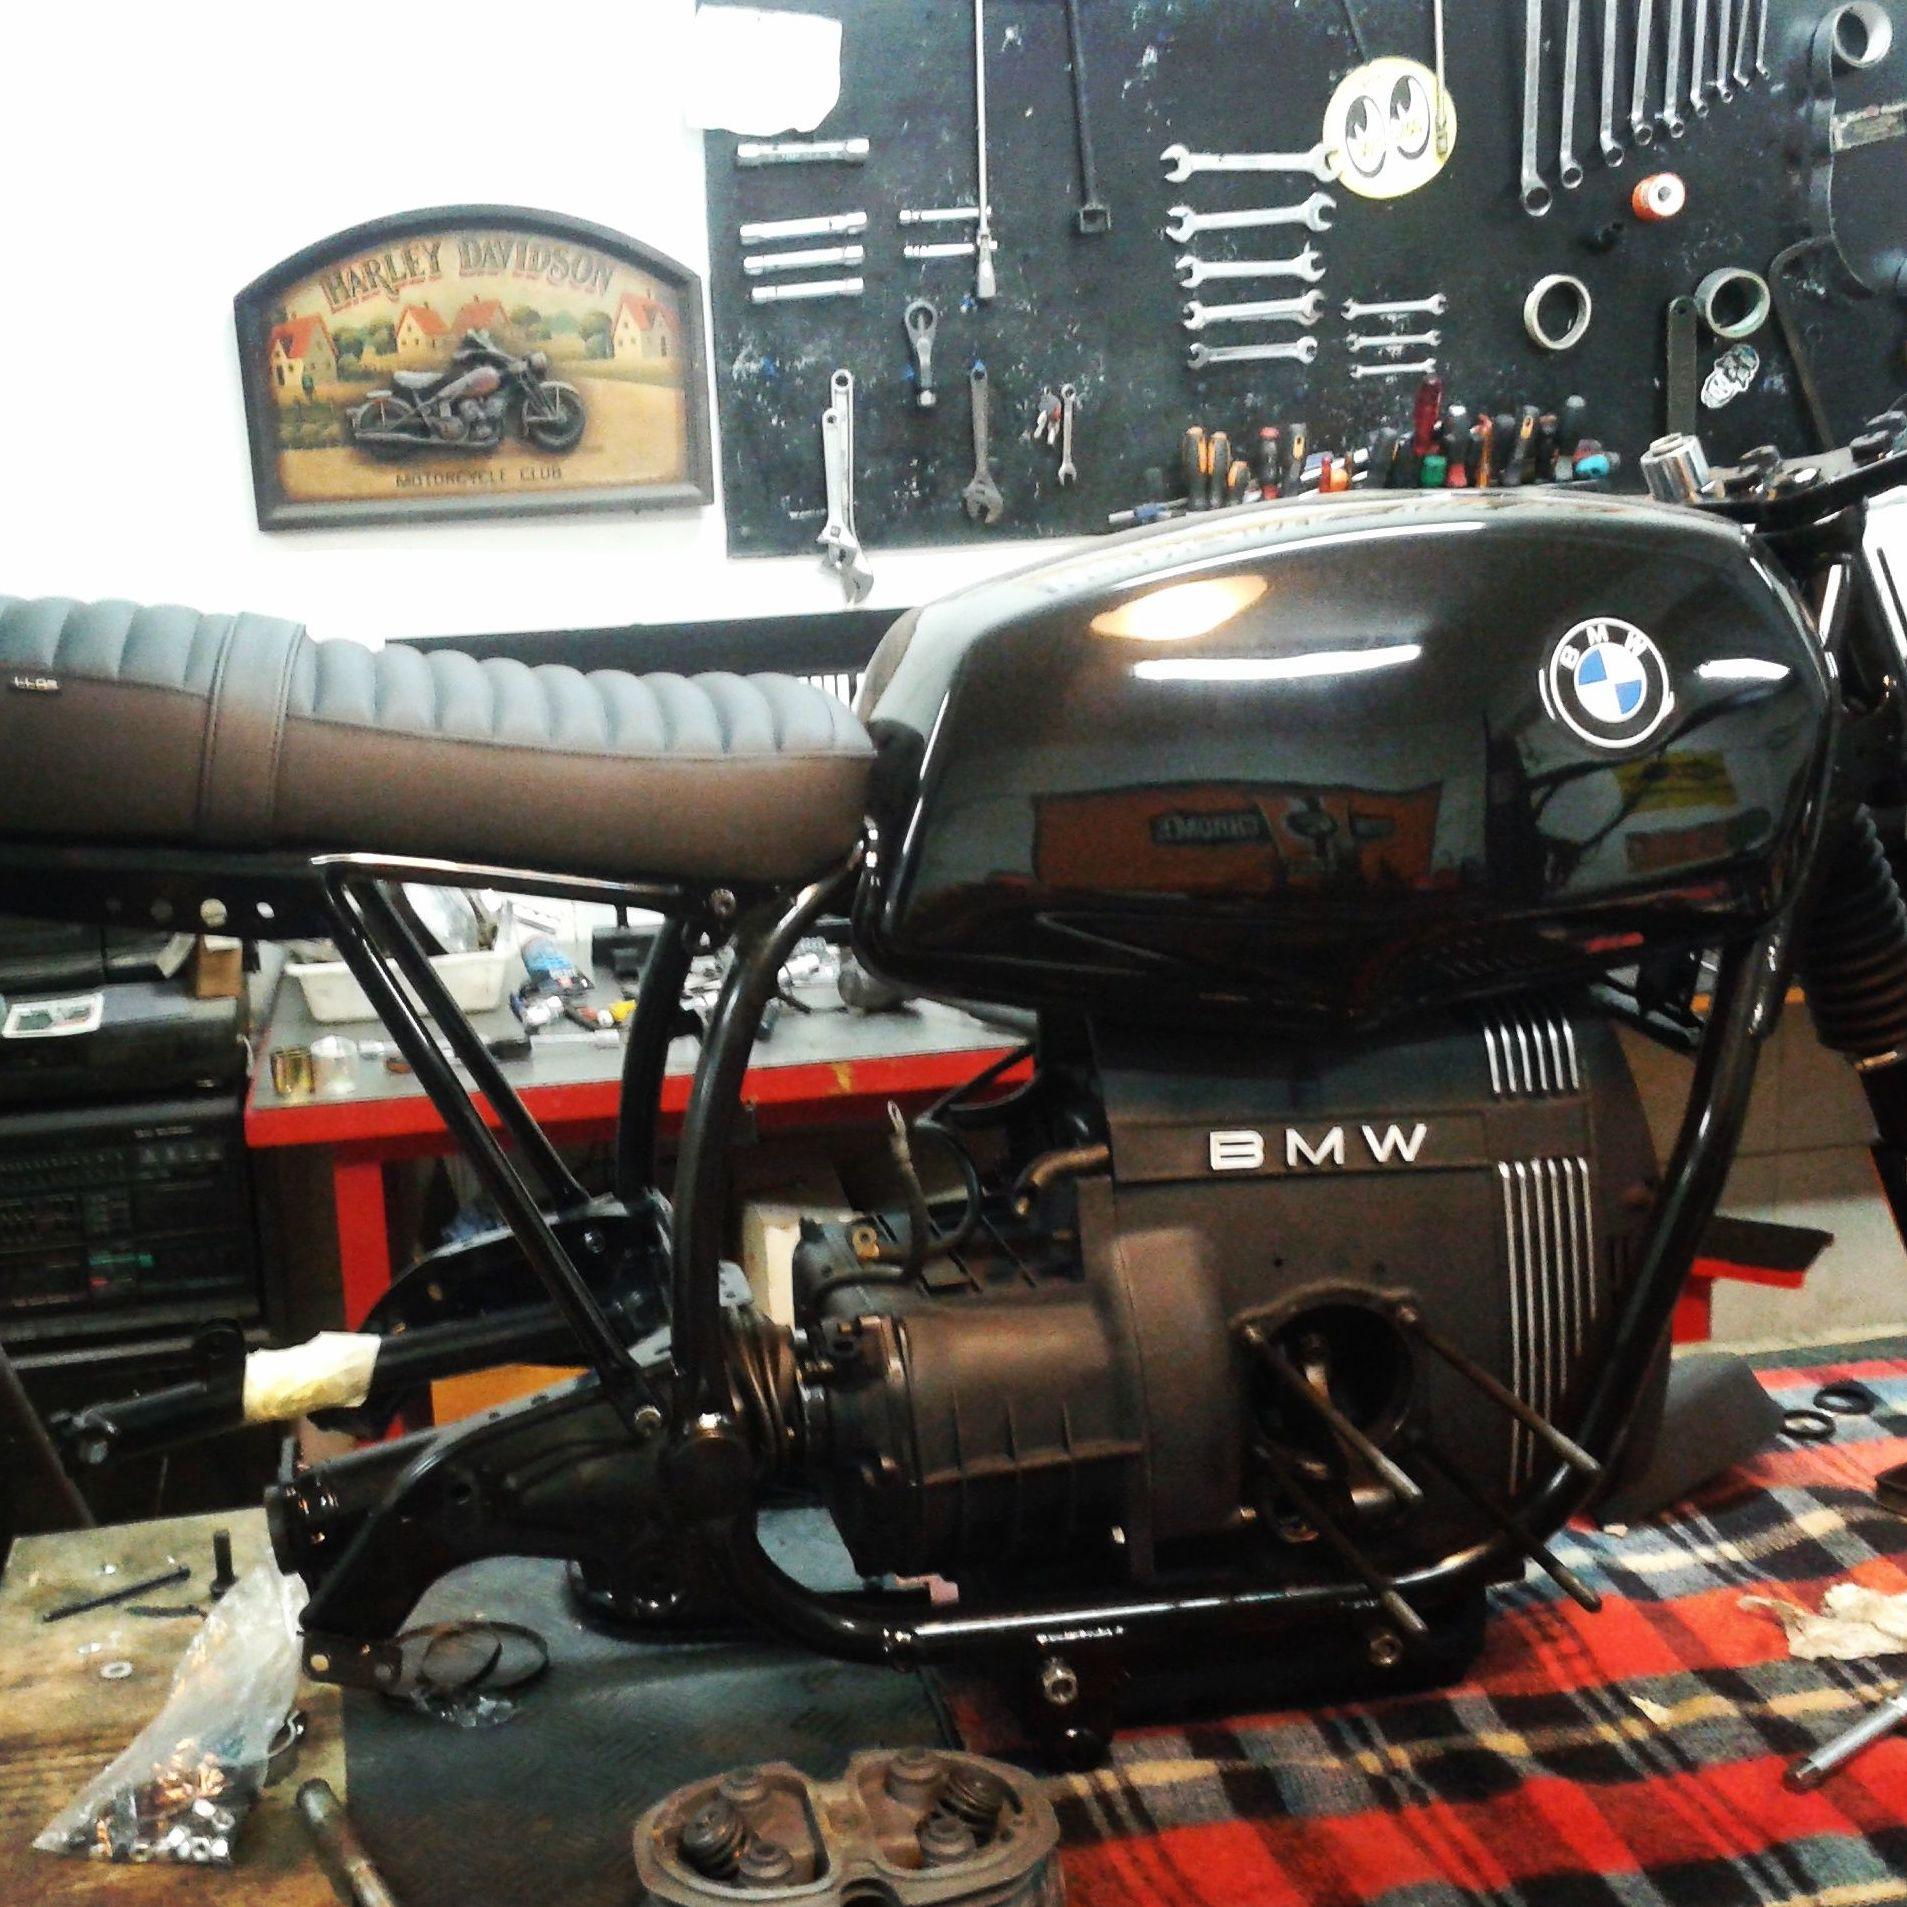 customizacion motos clasicas, restauracion moto clasica, reatauracion bmw, restauracion motos en valencia